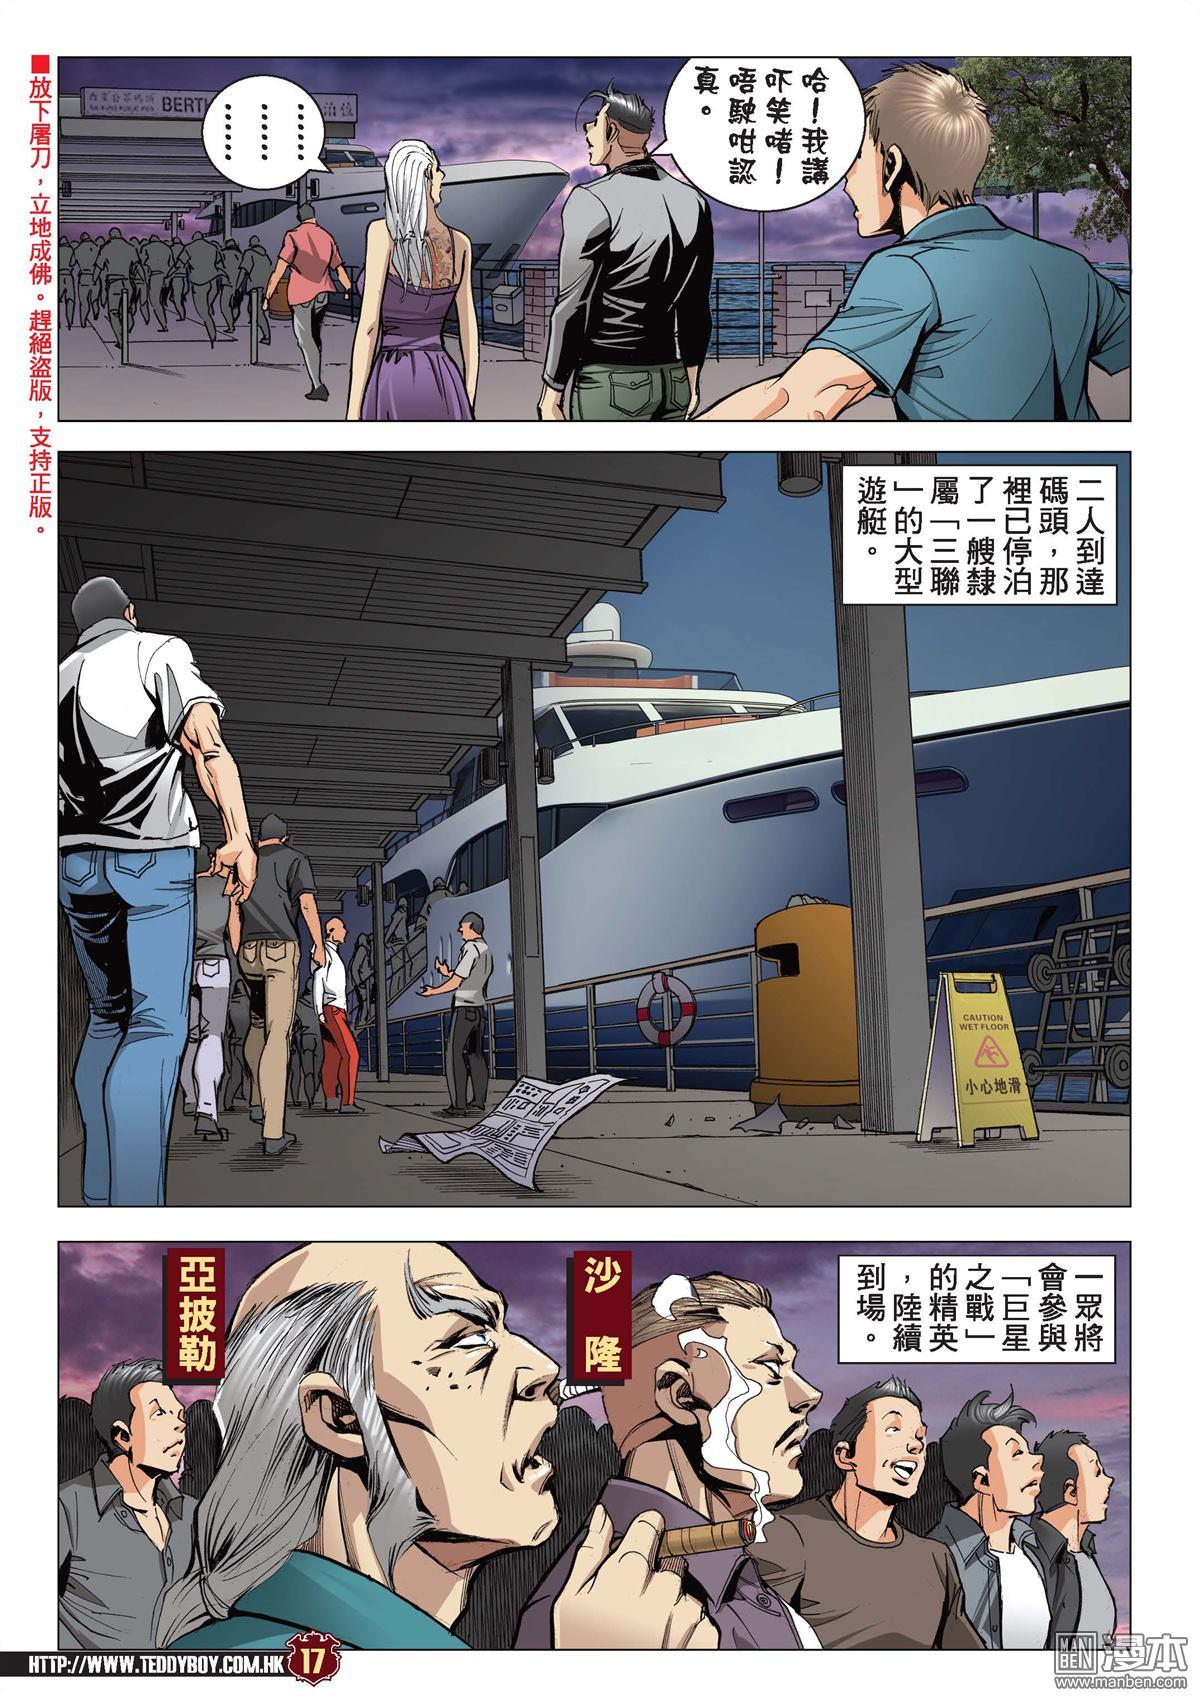 Người Trong Giang Hồ chap 2129 - Trang 15